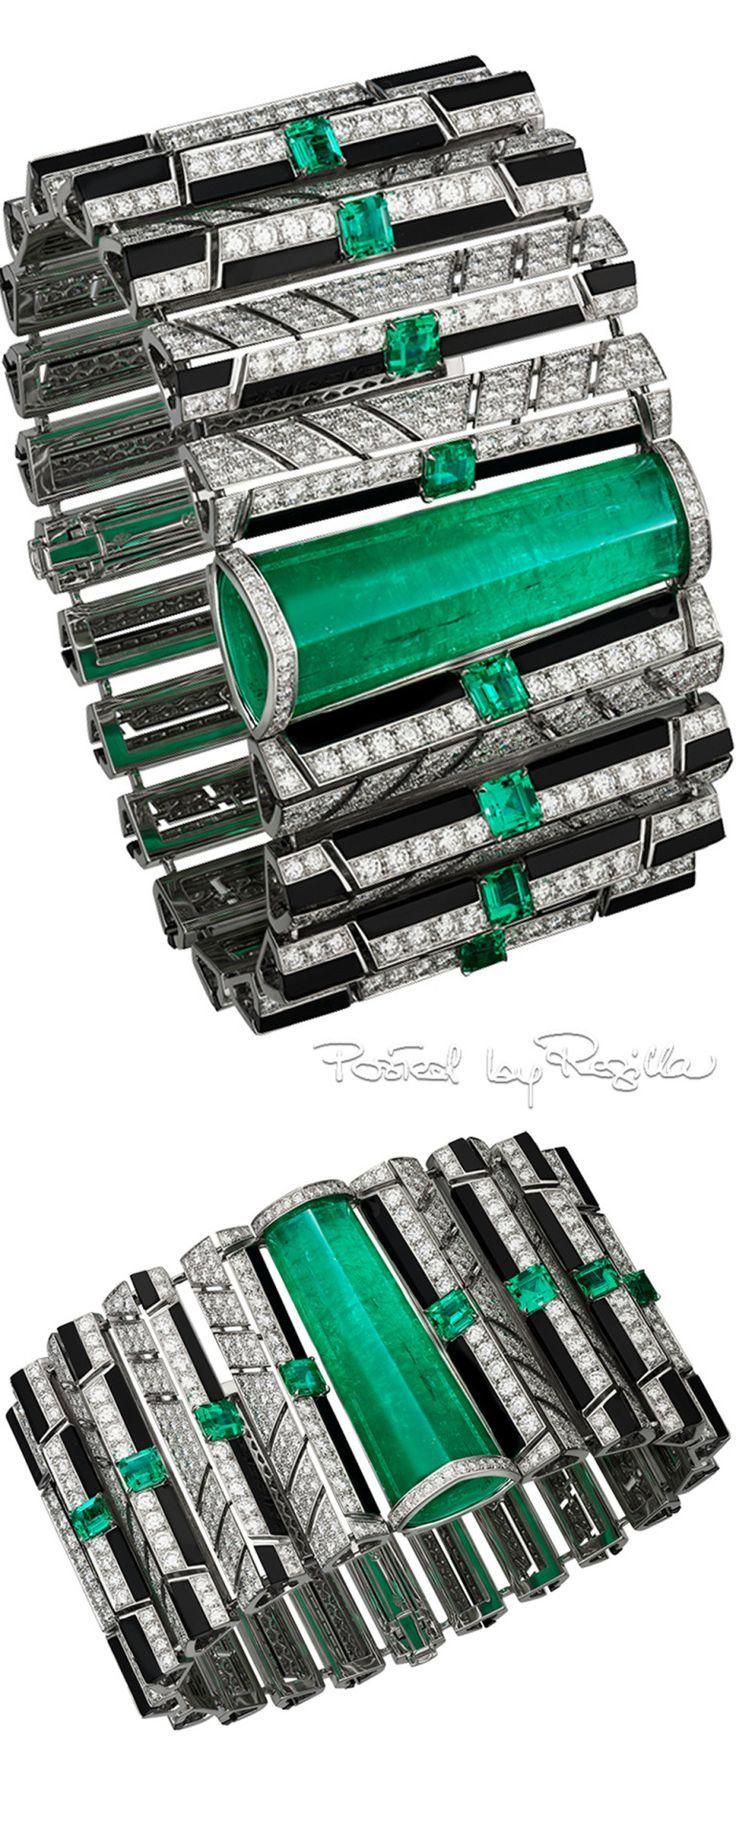 Tendance Bracelets Regilla Cartier Tendance & idée Bracelets 2016/2017 Descri...